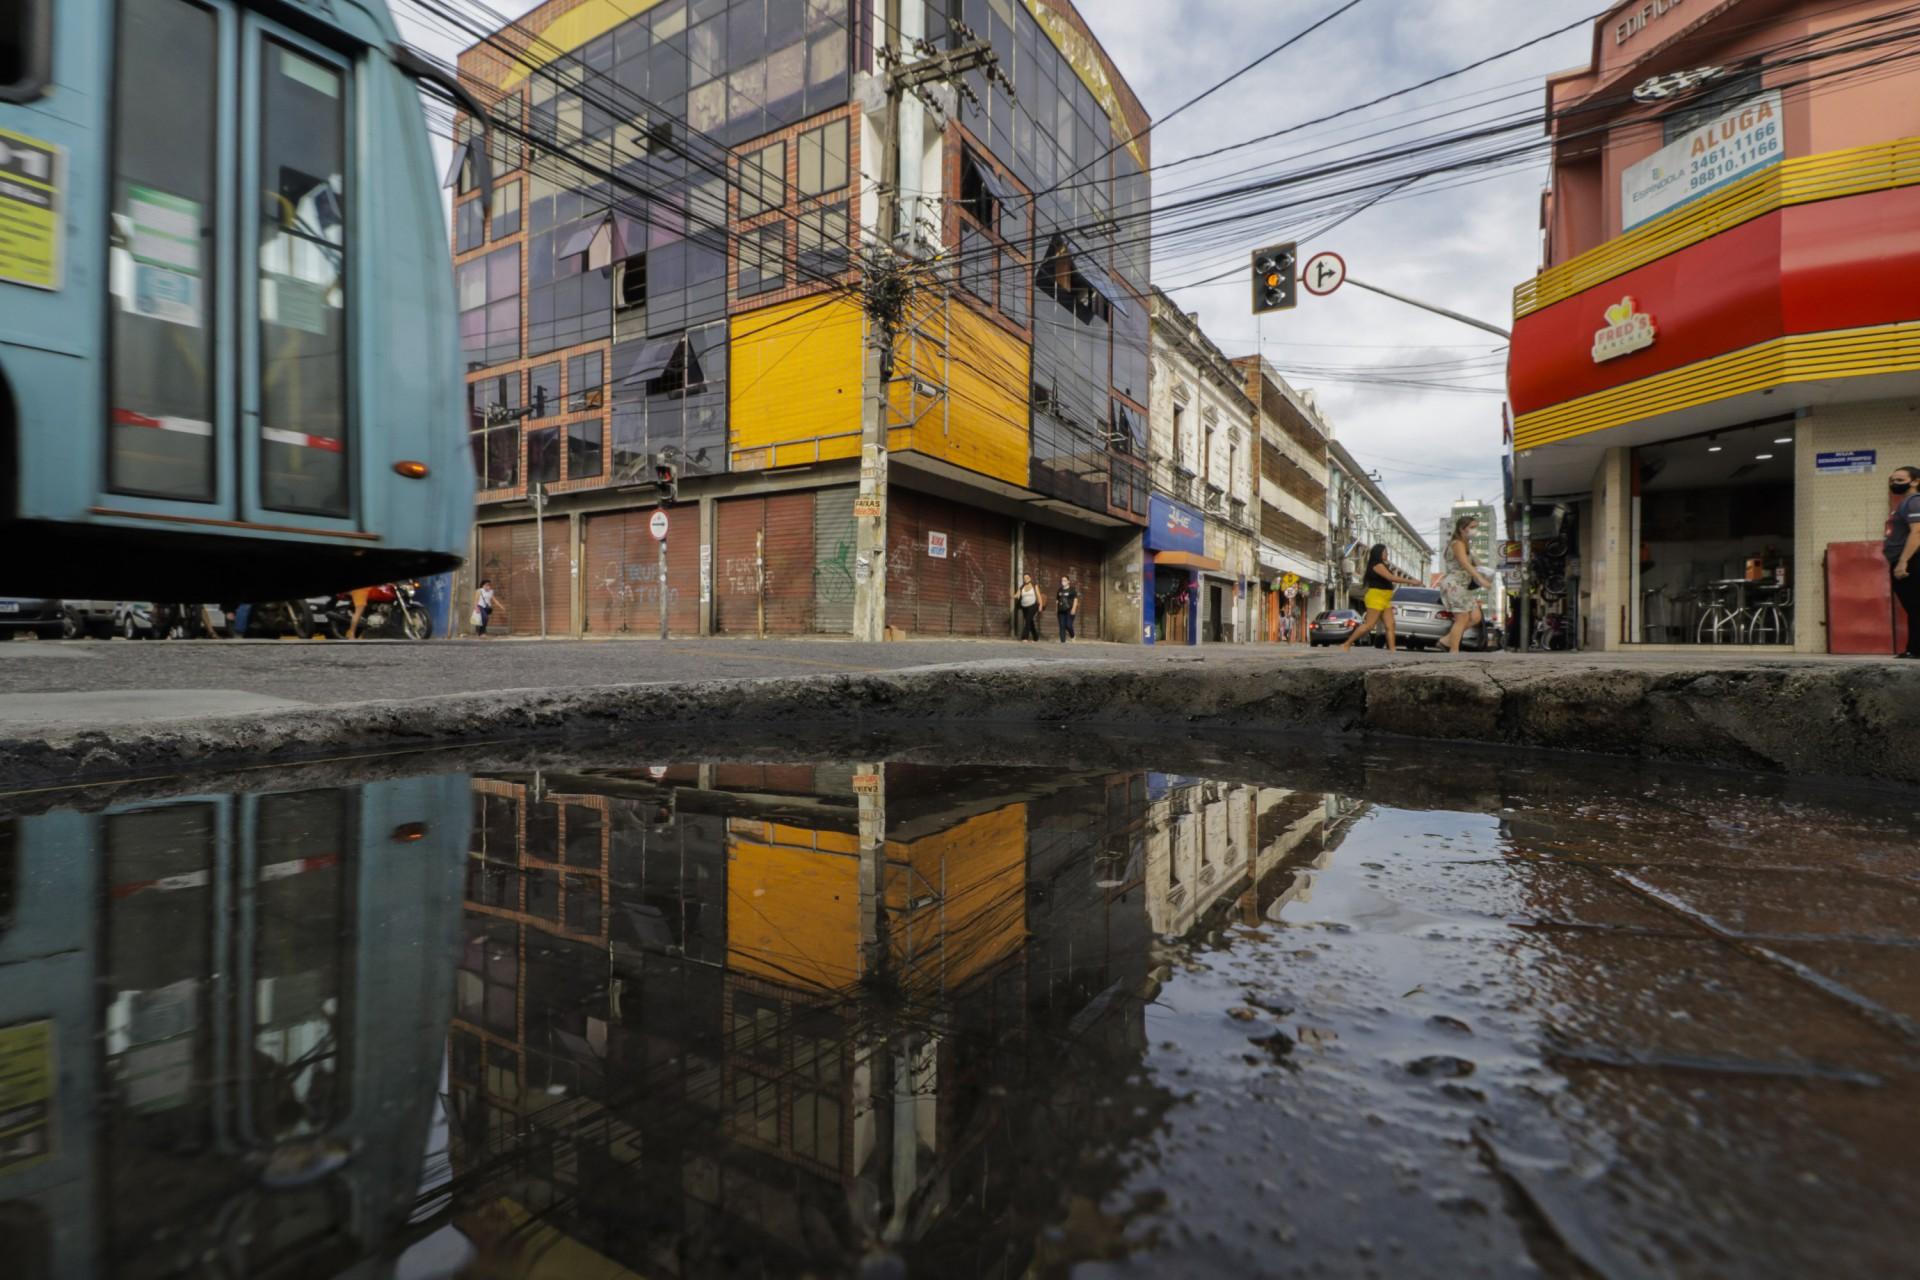 Estabelecimentos comerciais fechados na rua São Paulo, no Centro de Fortaleza